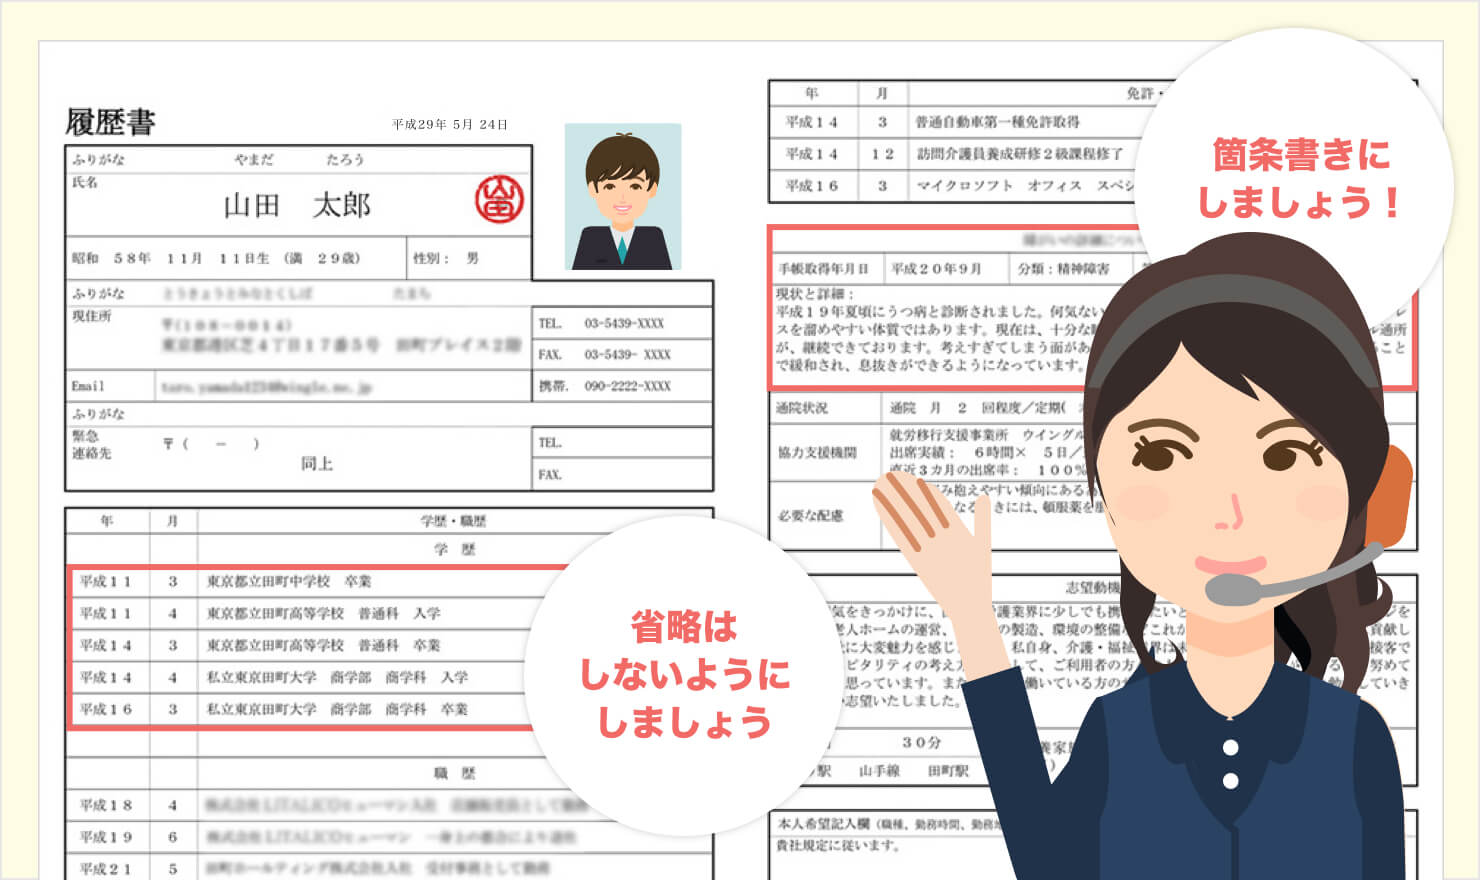 転職活動で履歴書と職務履歴の添削が必要な理由